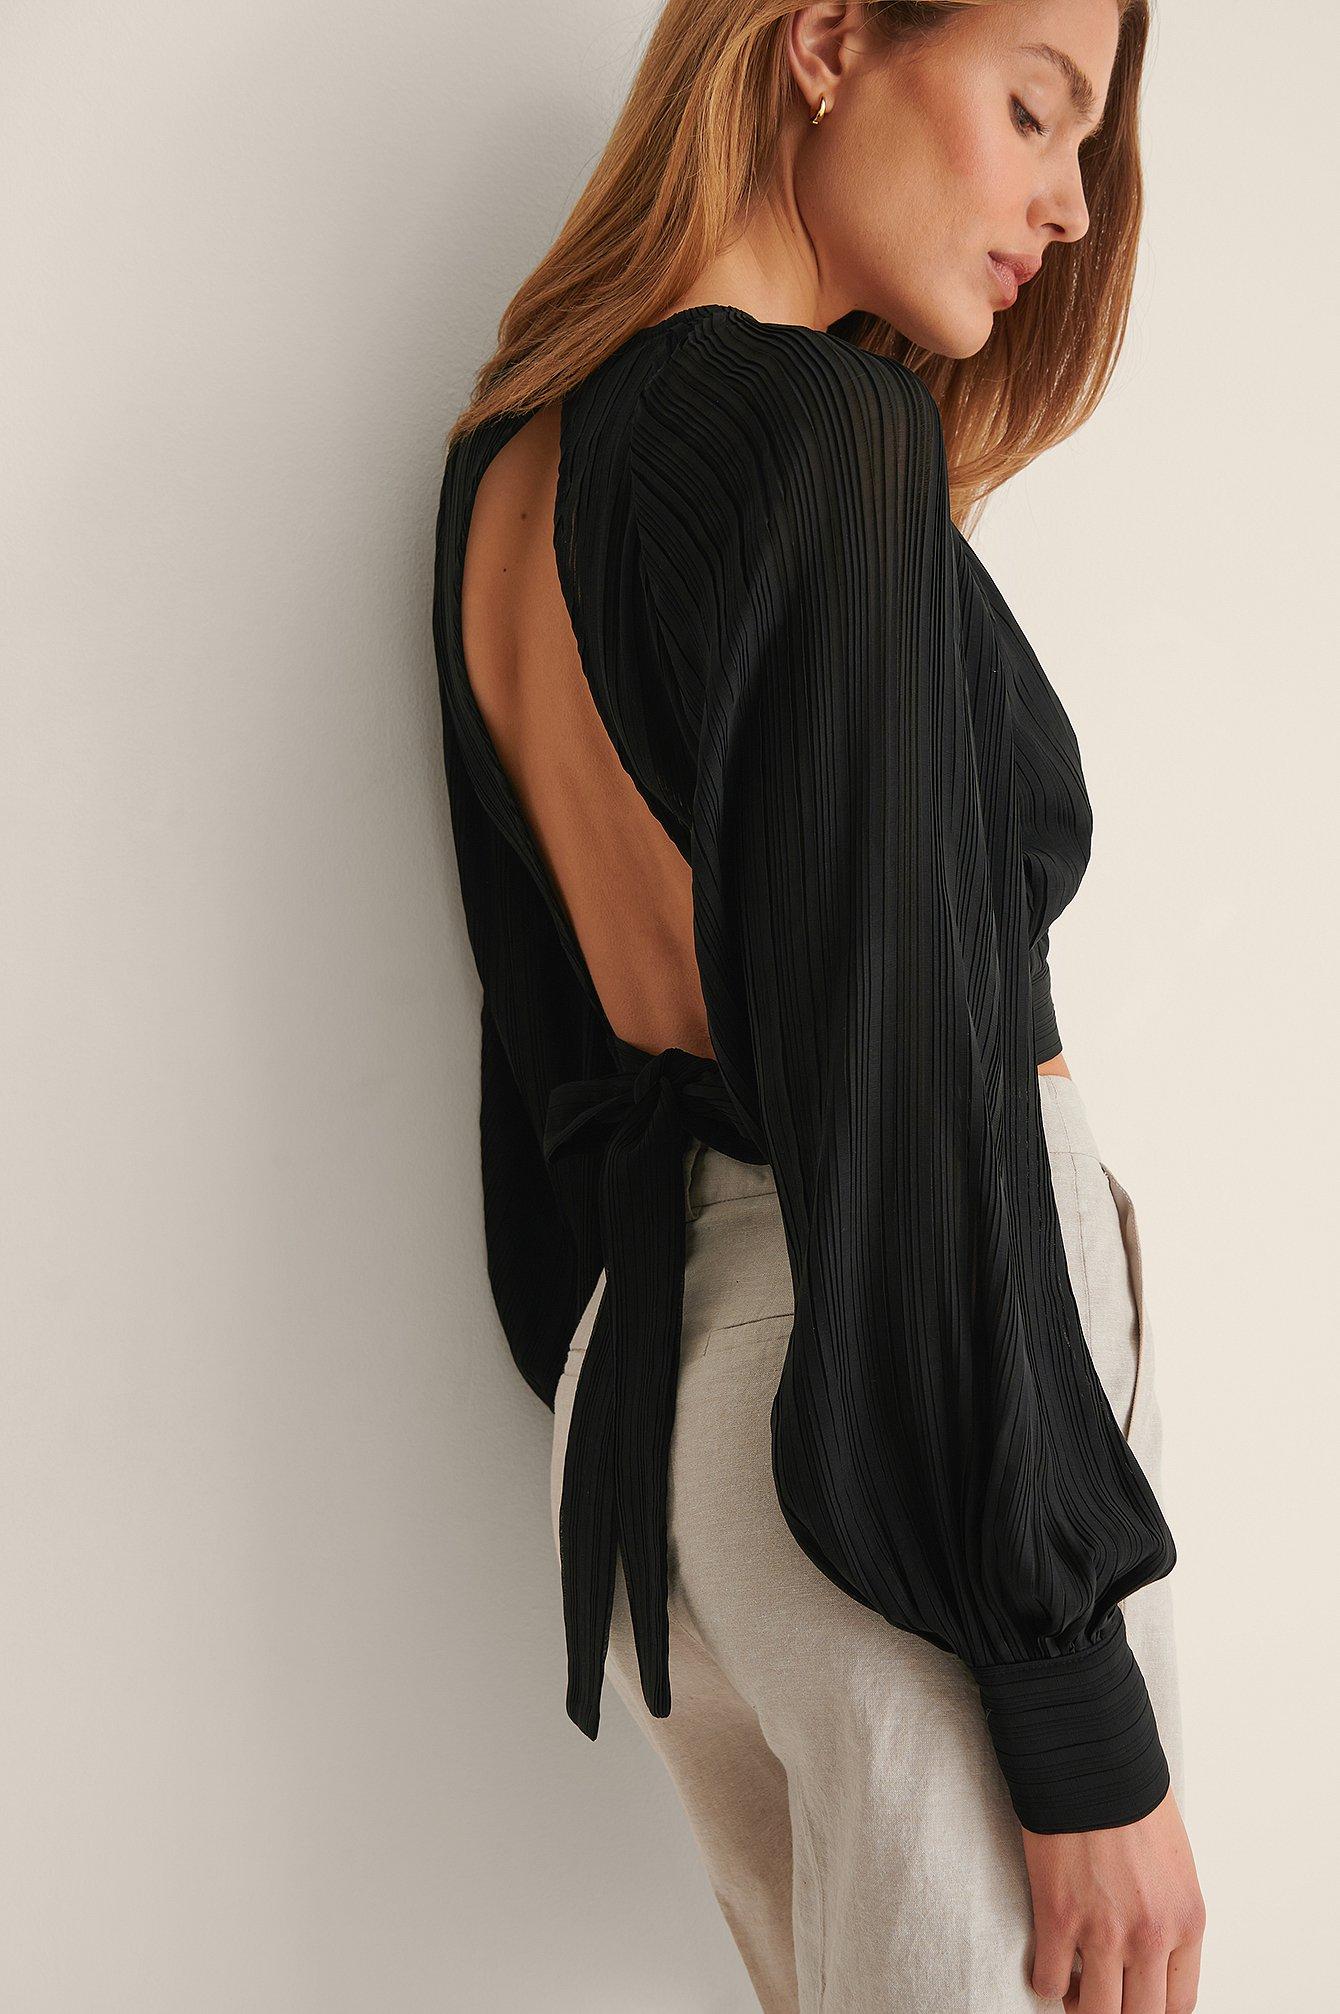 curated styles -  Plissiert Bluse Mit Offenem Rücken - Black